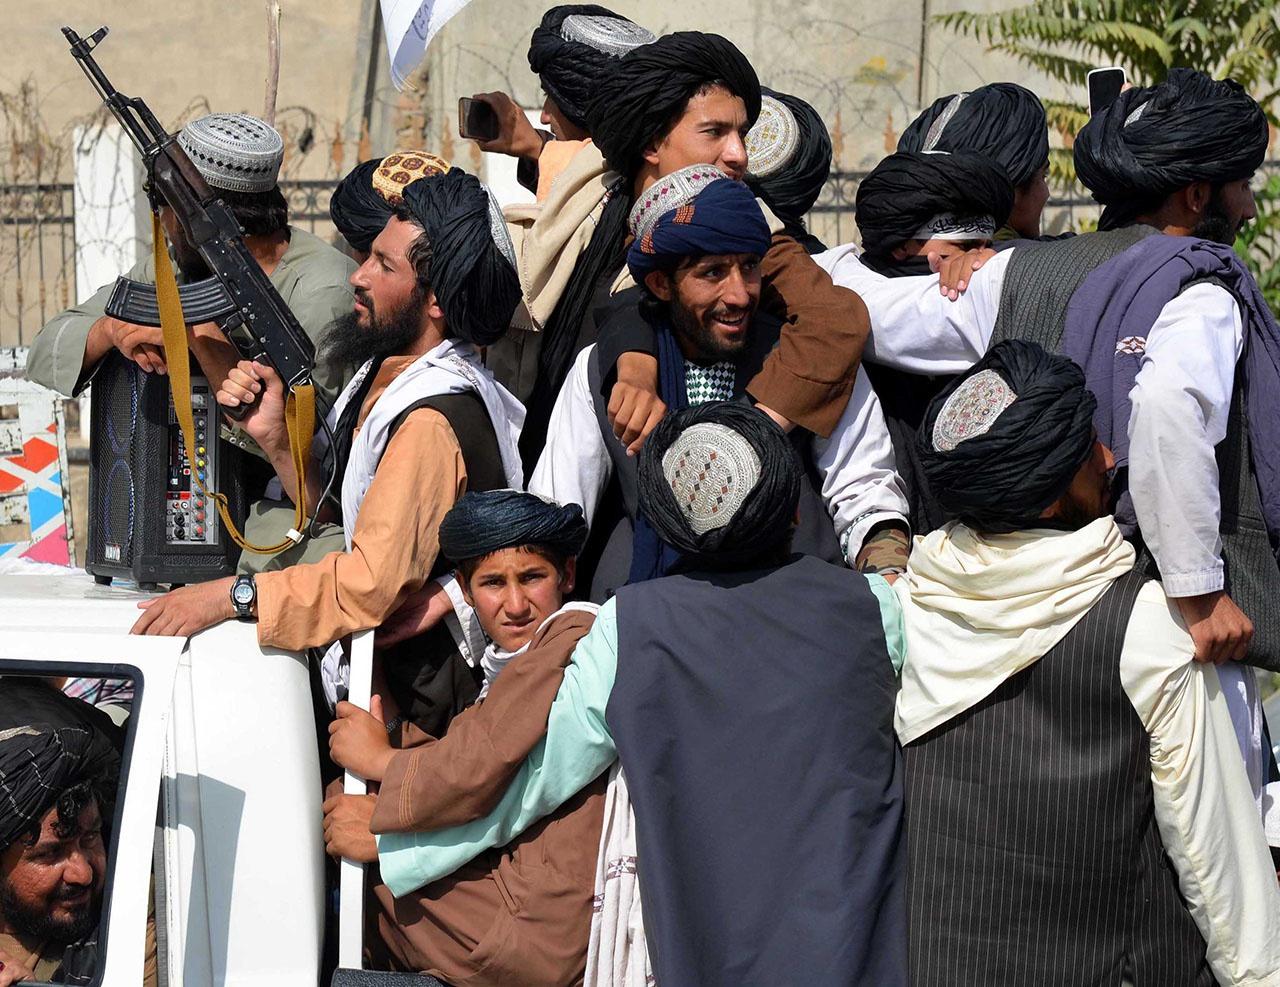 Западная коалиция хочет свалить свой провал 20-летнего присутствия в Афганистане на движение «Талибан».